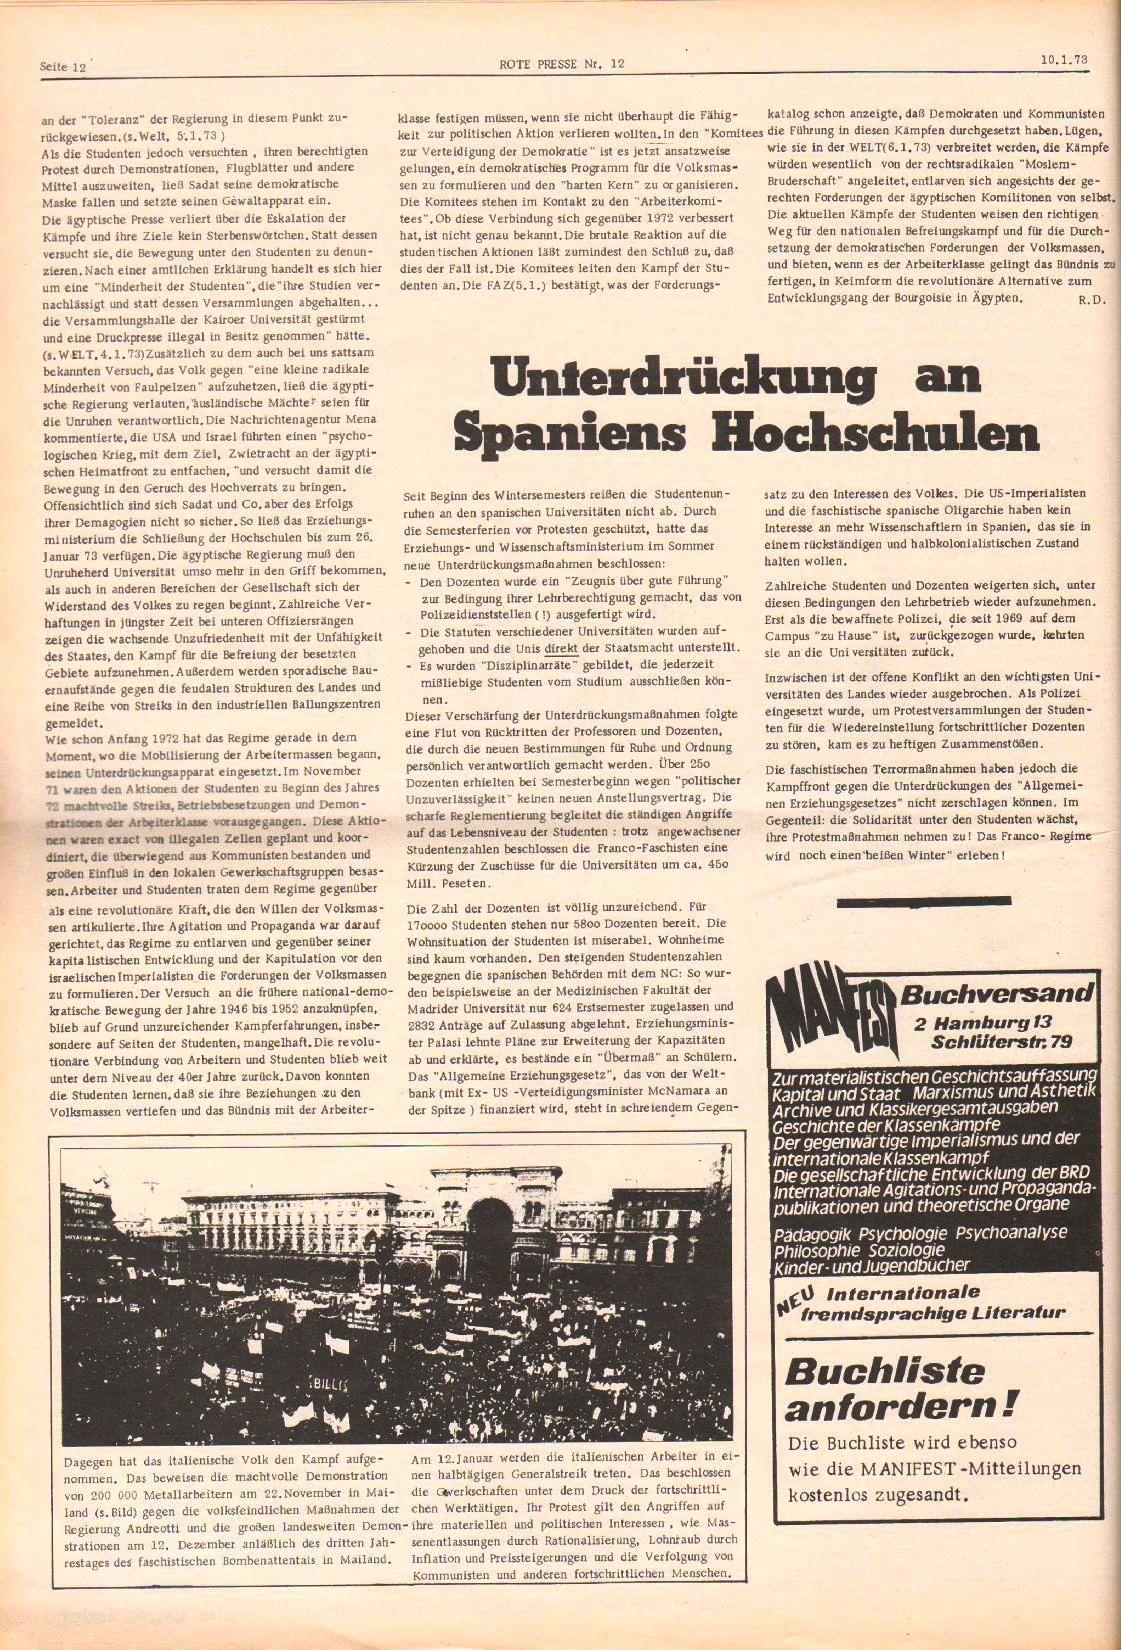 Hamburg_Rote_Presse093